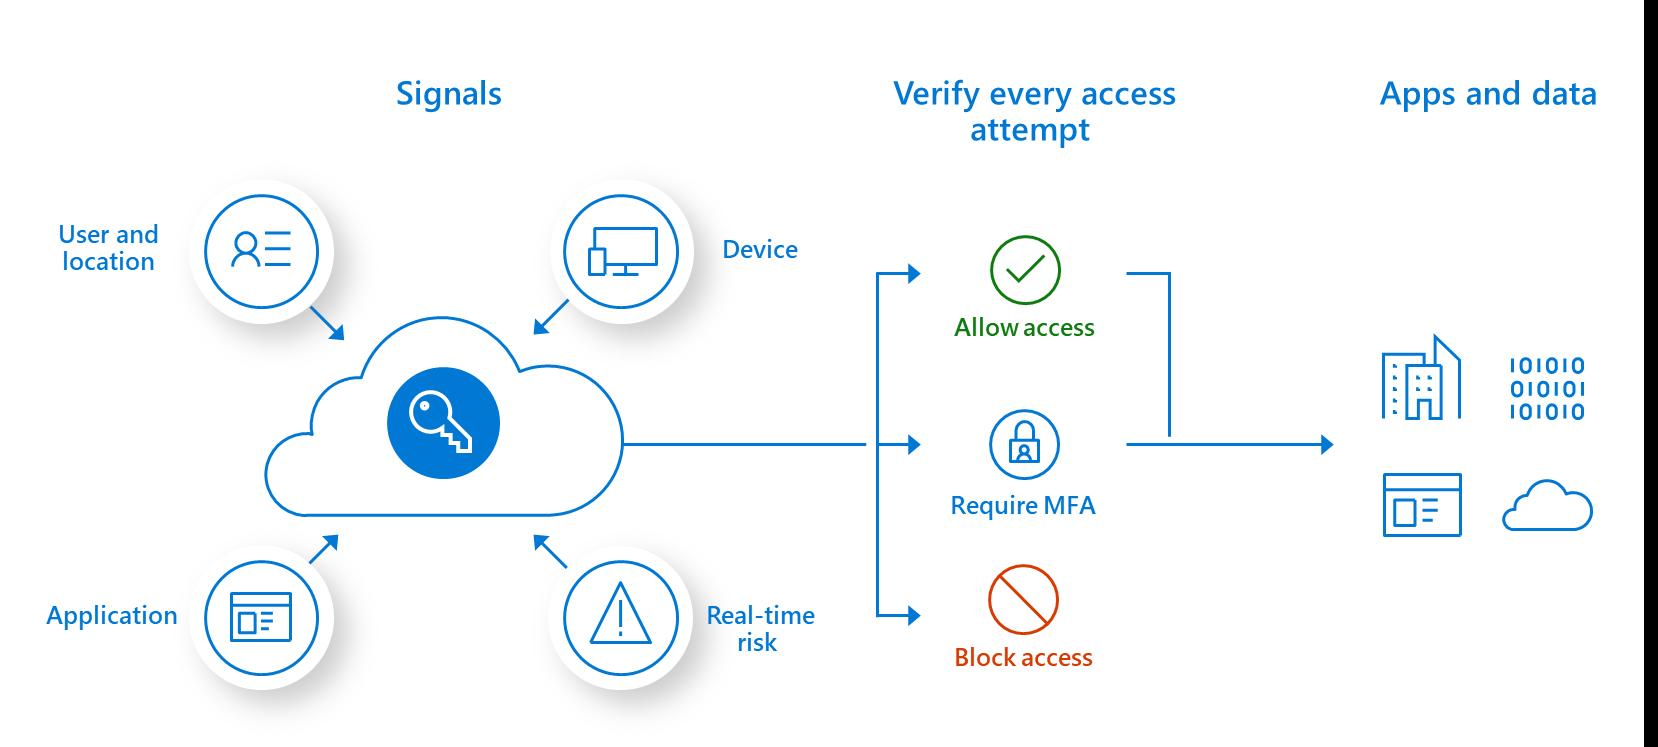 조건부 액세스를 설명하는 인포그래픽. 신호(사용자 위치, 디바이스, 실시간 위험, 응용 프로그램), 모든 액세스 시도 확인(액세스 허용, MFA 요구 또는 액세스 차단), 앱 및 데이터